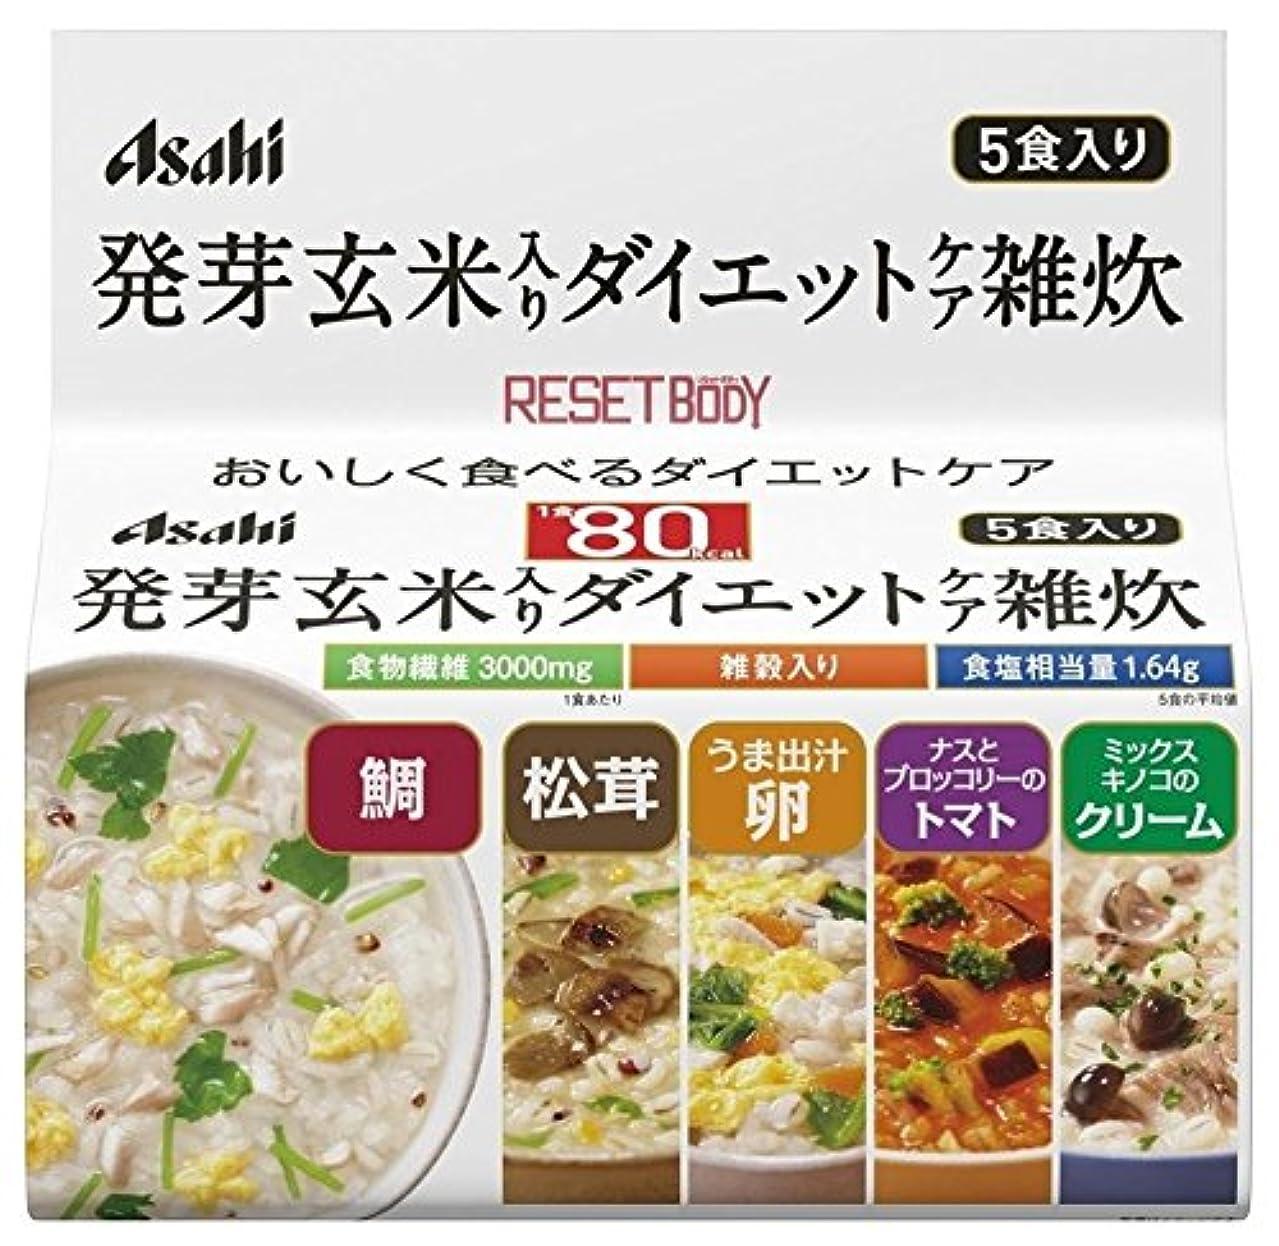 スケート安価なスキルアサヒグループ食品 リセットボディ 発芽玄米入りダイエットケア雑炊 5食